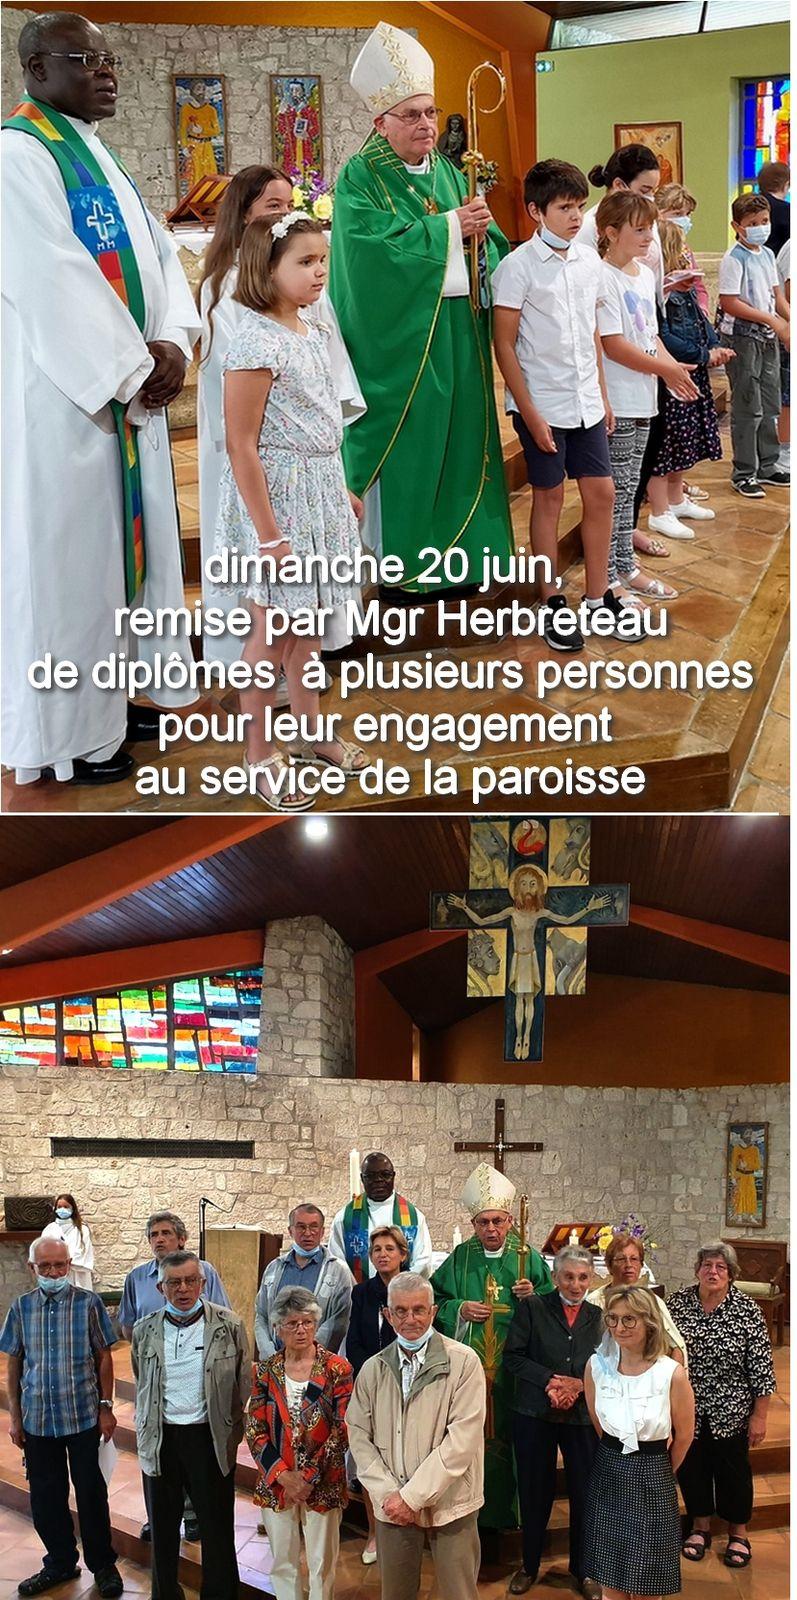 dimanche 20 juin 2021, visite de Mgr HERBRETEAU EST VENU TÉMOIGNER DE LA RECONNAISSANCE DIOCÉSAINE....